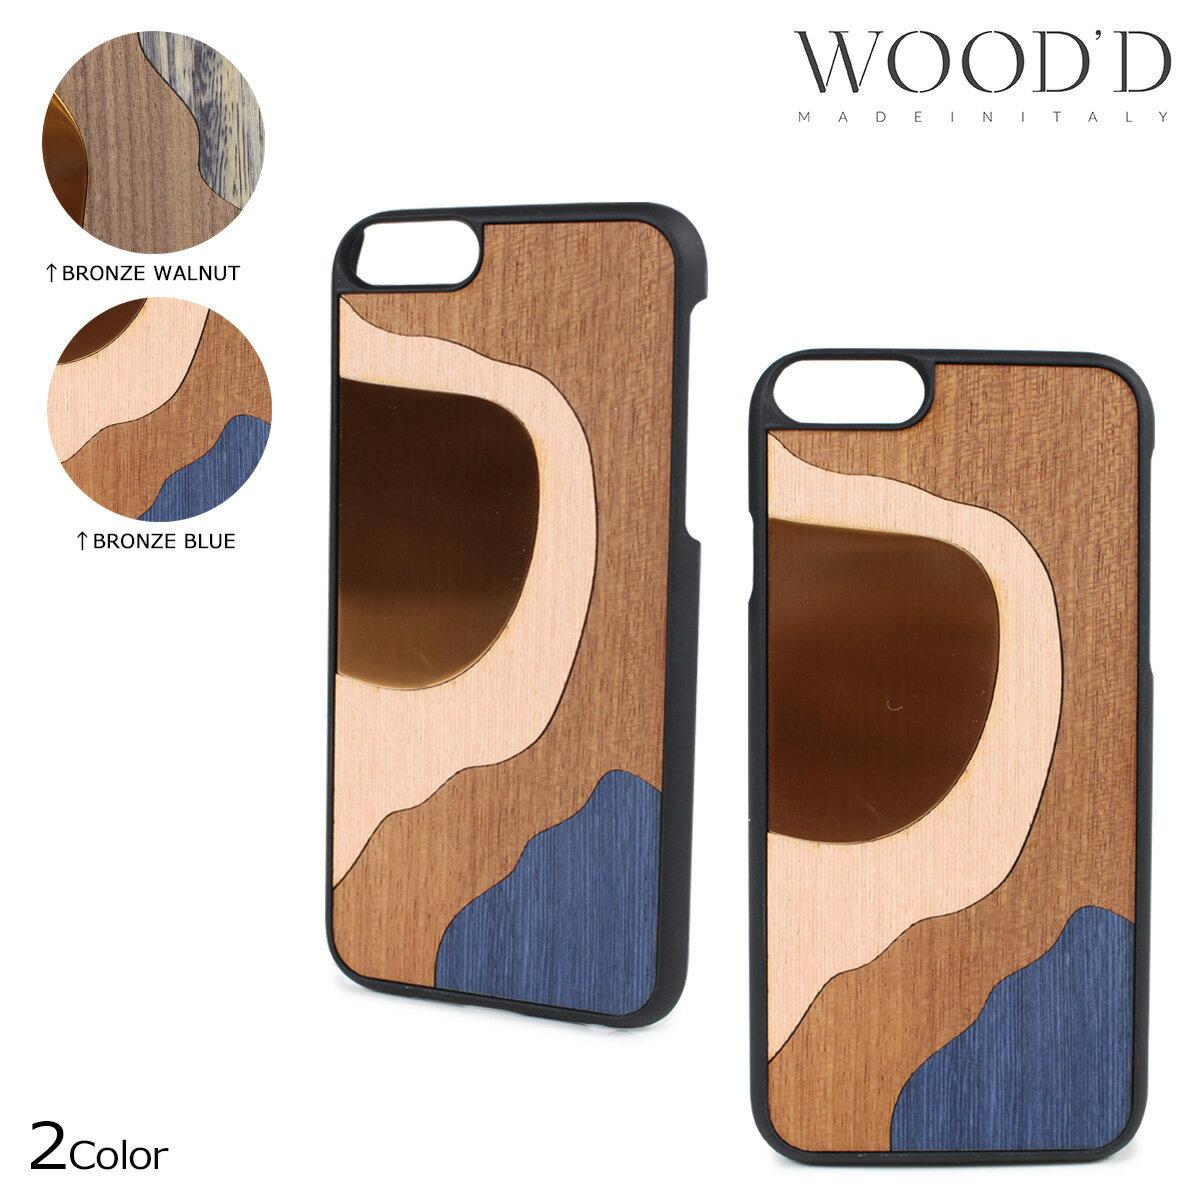 Wood'd ウッド iPhone8 iPhone7 6s ケース スマホ アイフォン ITALY INLAY 木製 メンズ レディース 【決算セール】